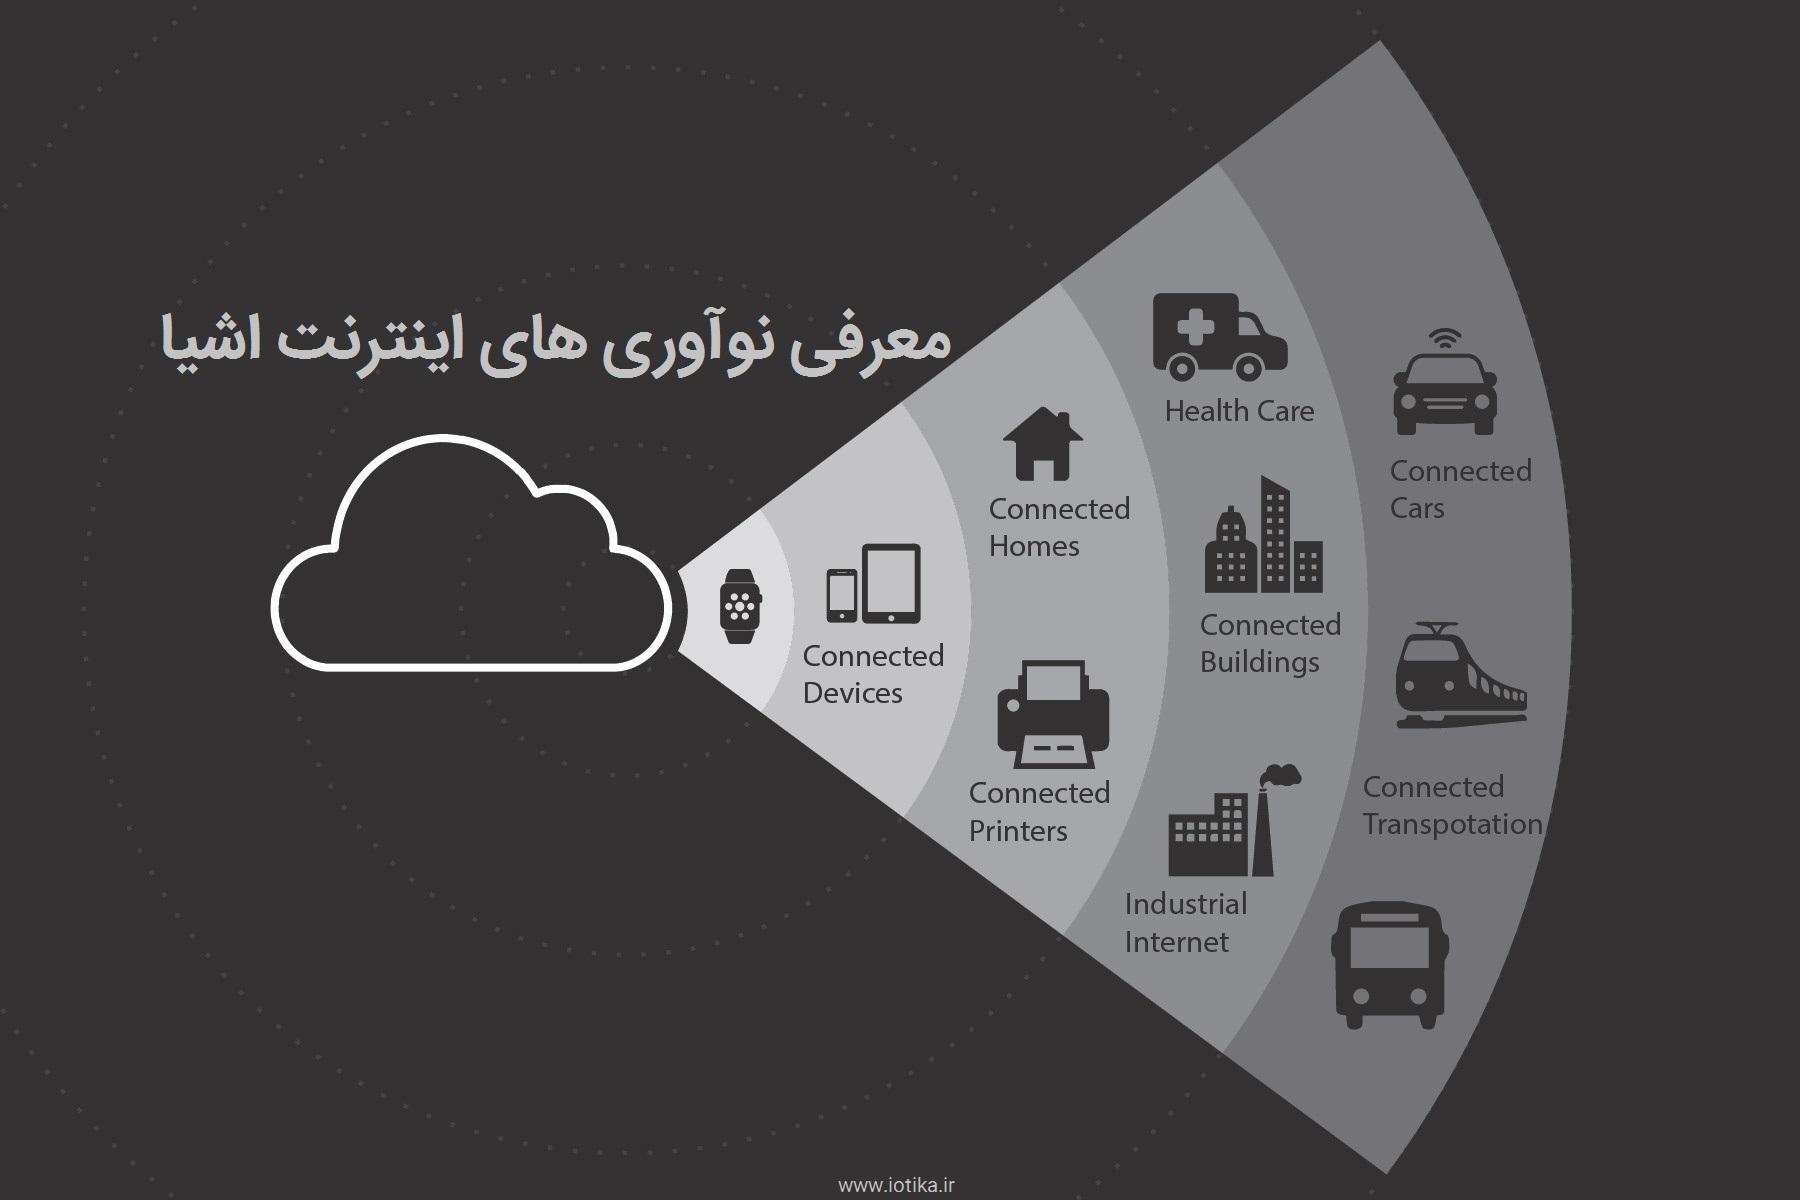 نوآوریهای اینترنت اشیا